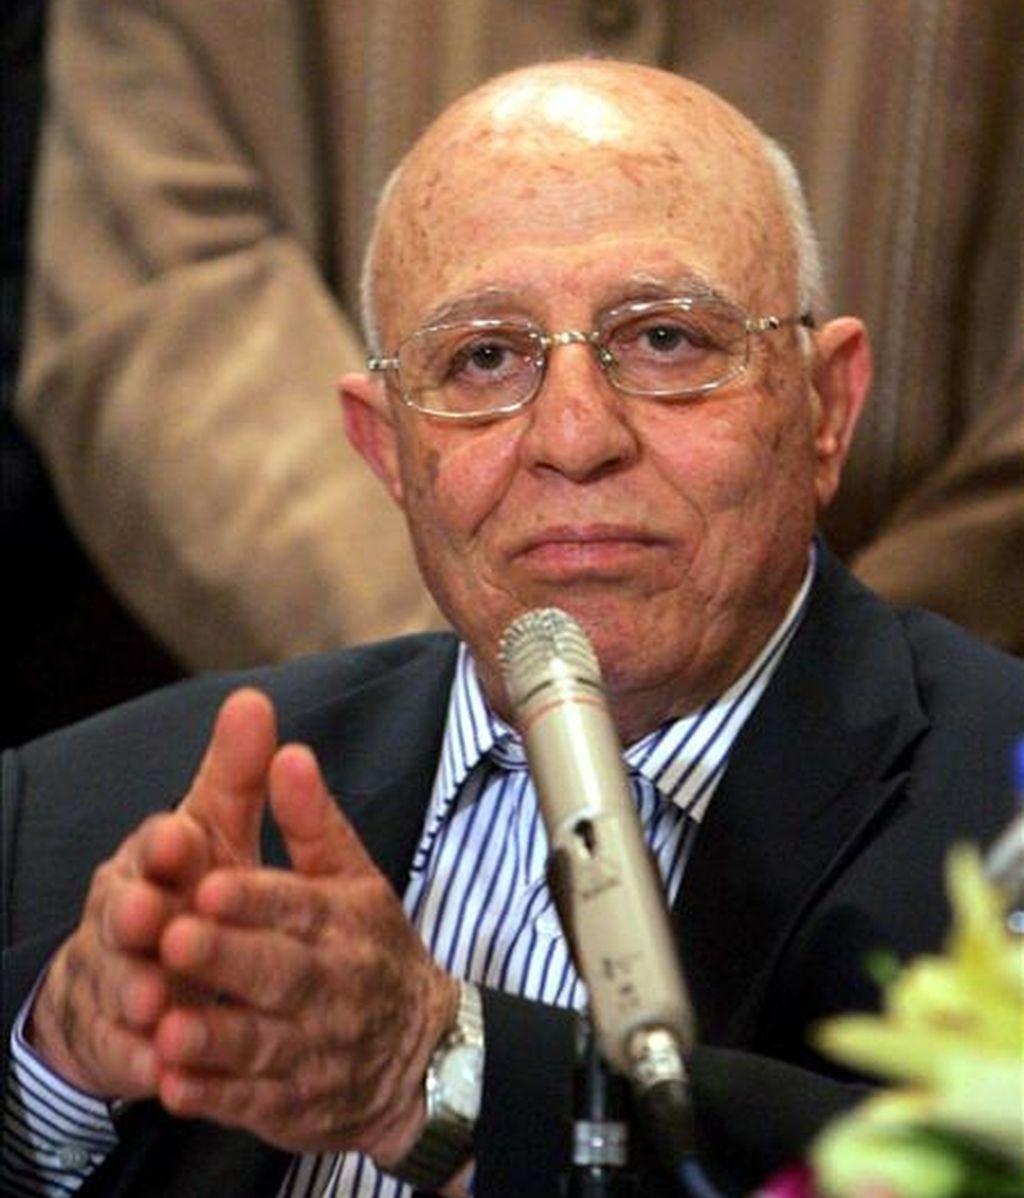 El ex primer ministro de la Autoridad Nacional Palestina (ANP) y jefe del equipo negociador palestinos, Ahmed Qurea. EFE/Archivo